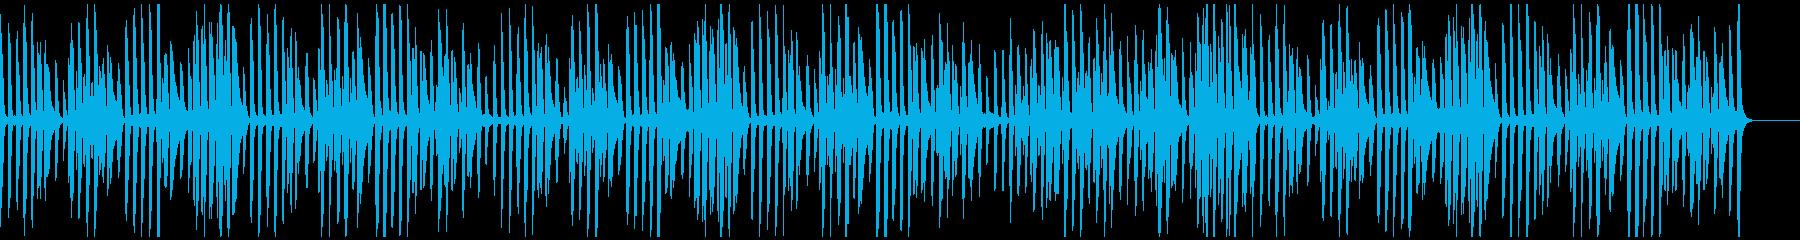 日常/トーク/かわいい/ピアノソロの再生済みの波形